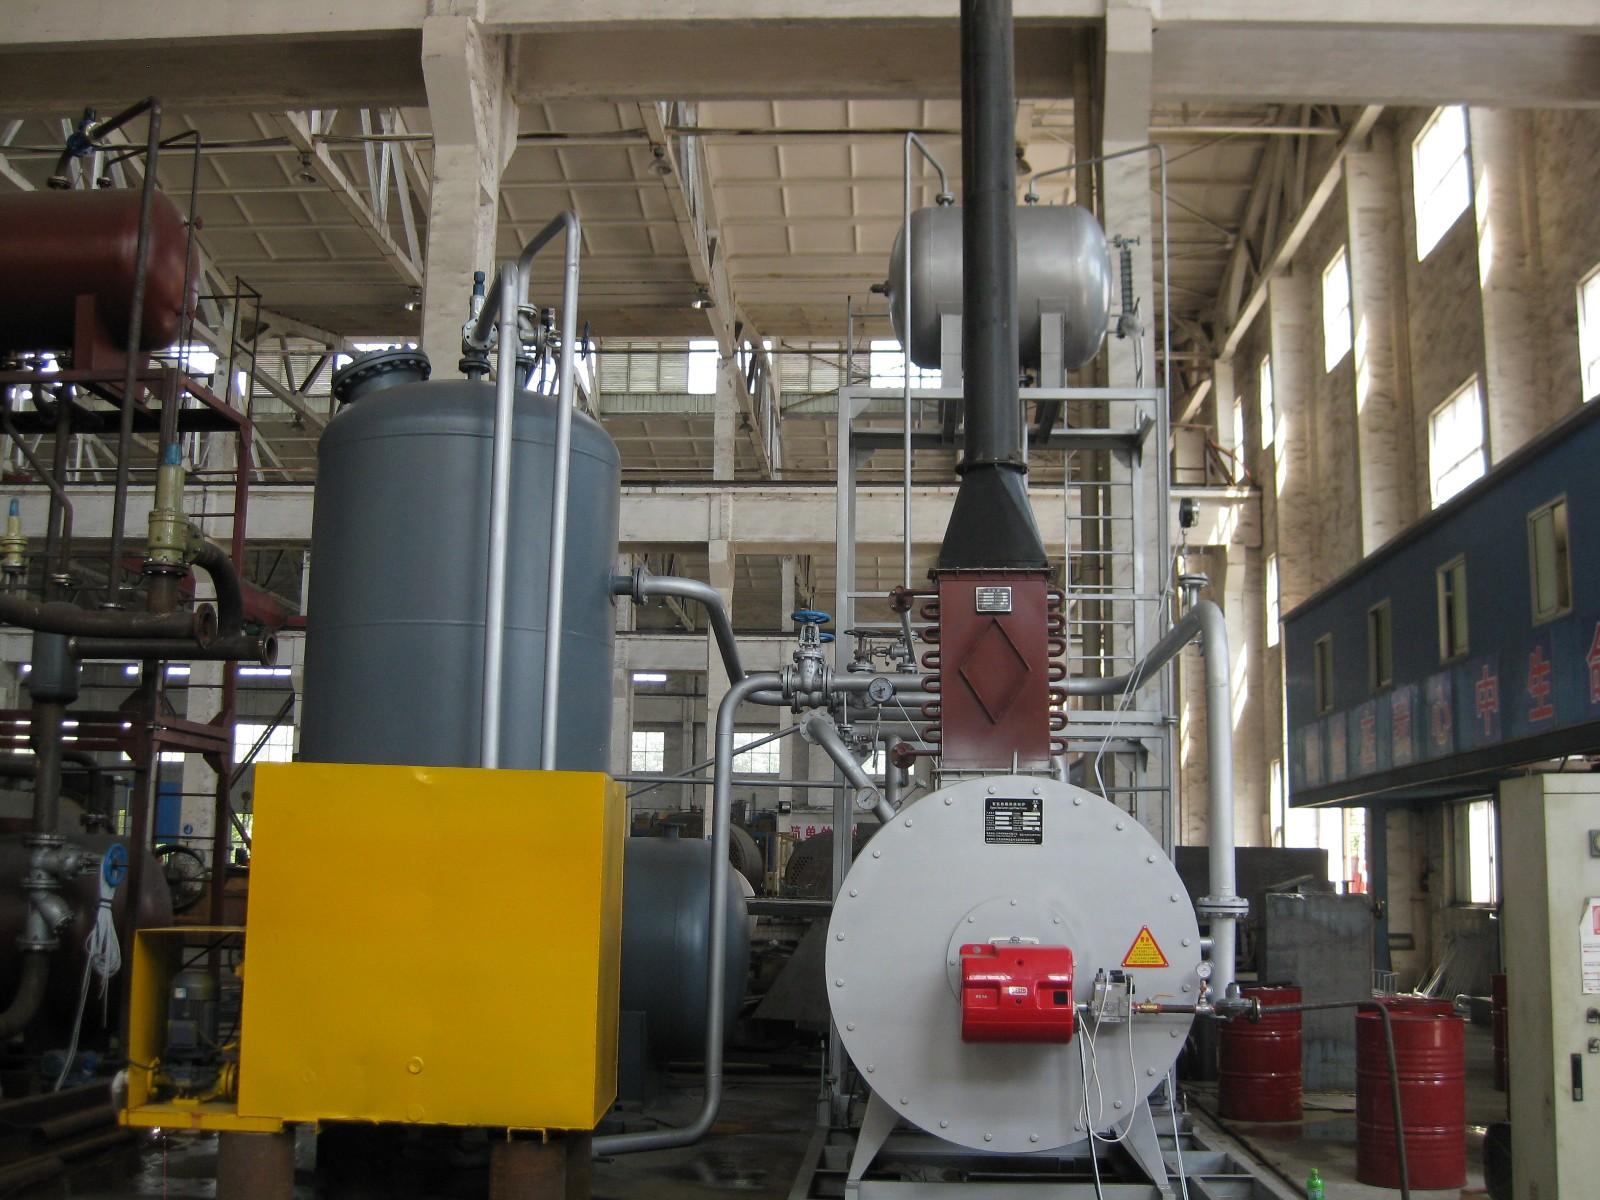 锅炉能效现场测试|润利动态-江苏润利锅炉有限公司